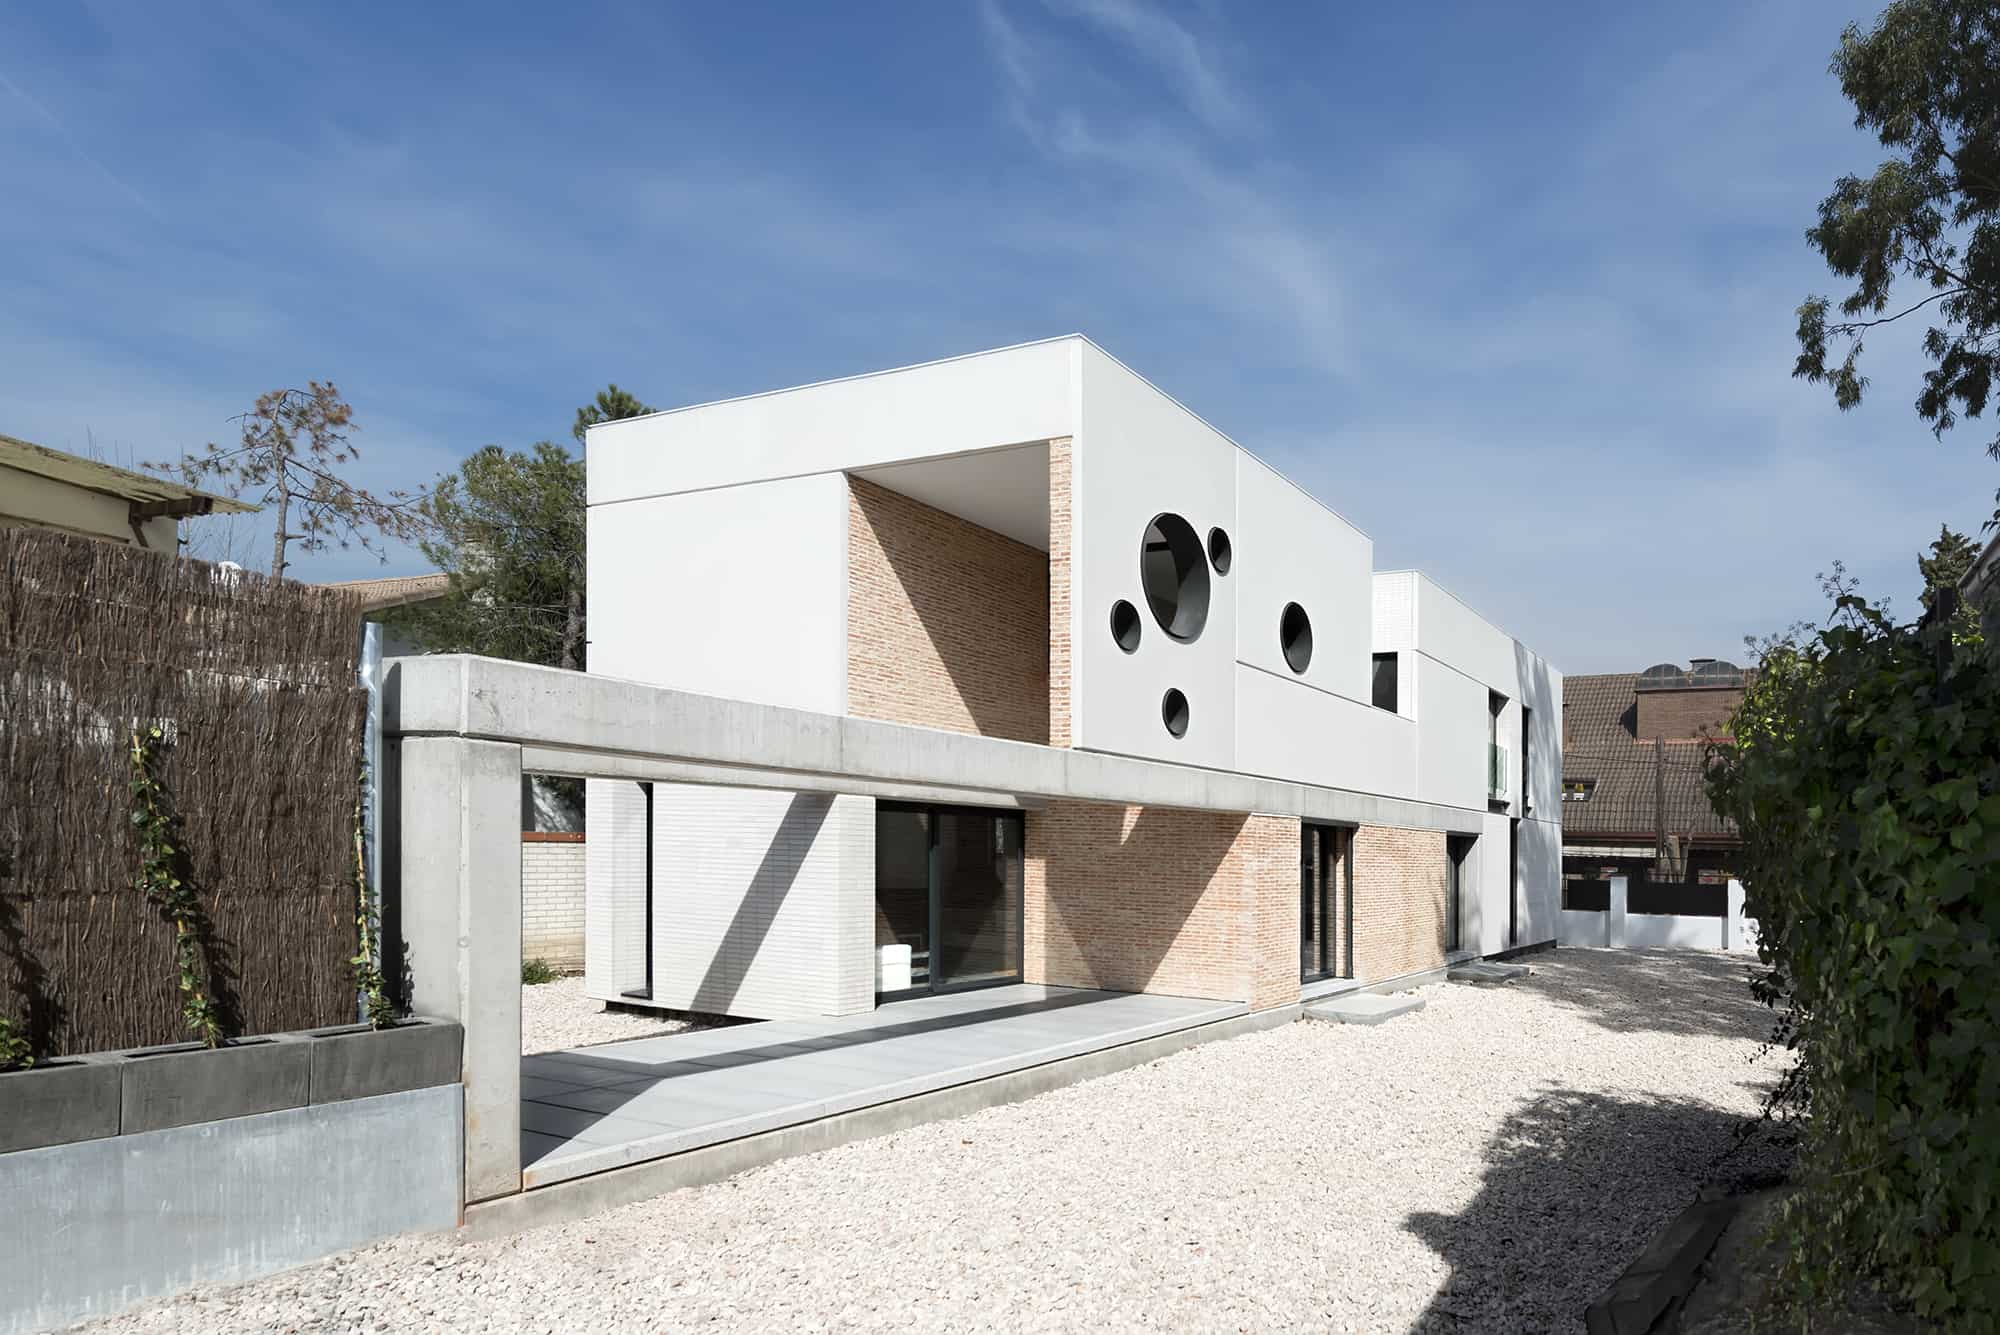 Vivienda_IA - hormigón arquitectónico - LANDINEZ+REY | equipo L2G arquitectos, slp [ eL2Gaa ]